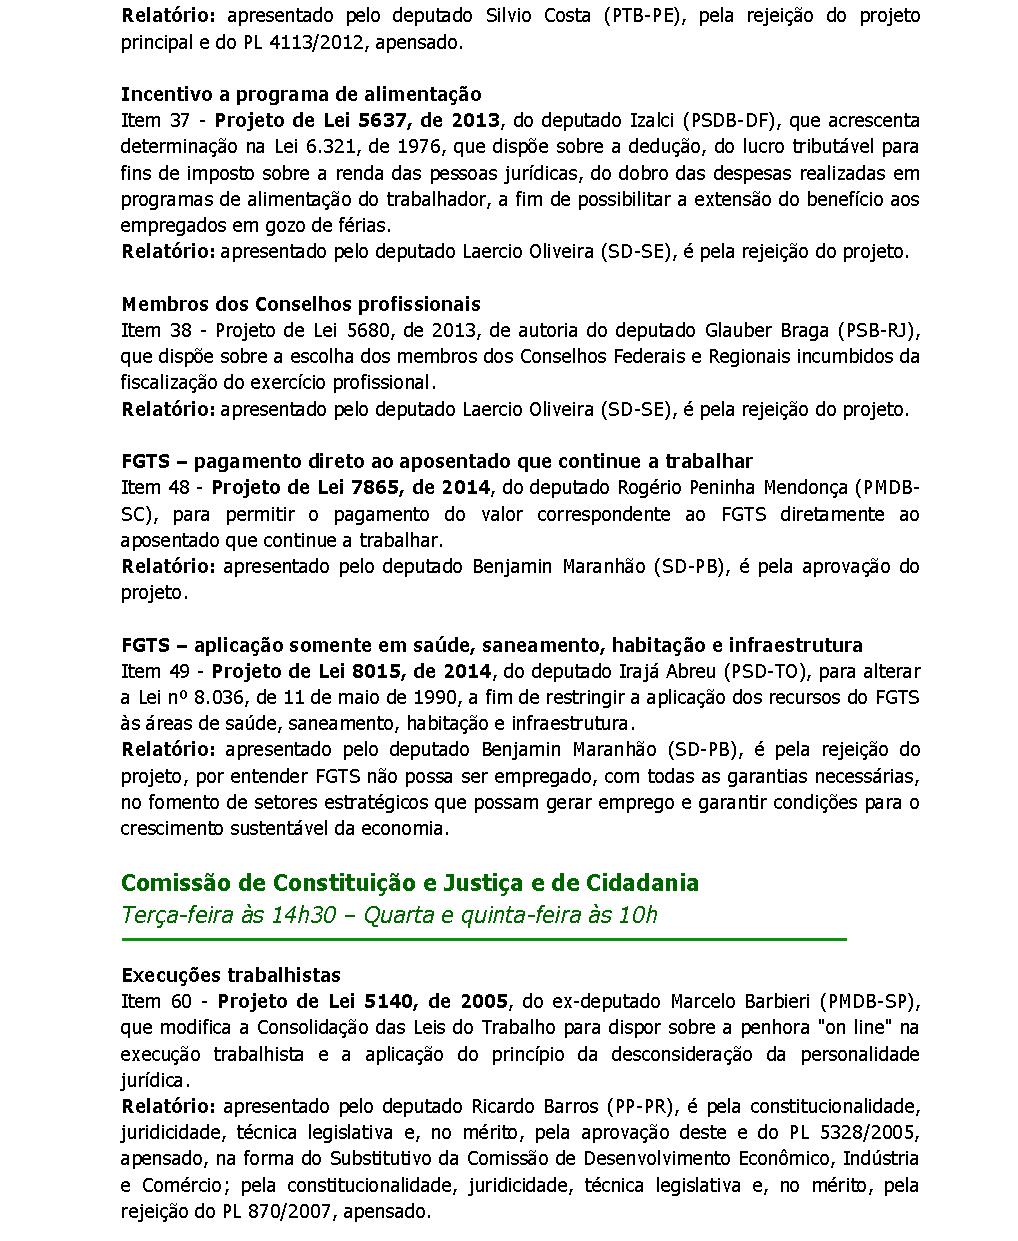 Pauta da Semana 11 de maio_Página_05